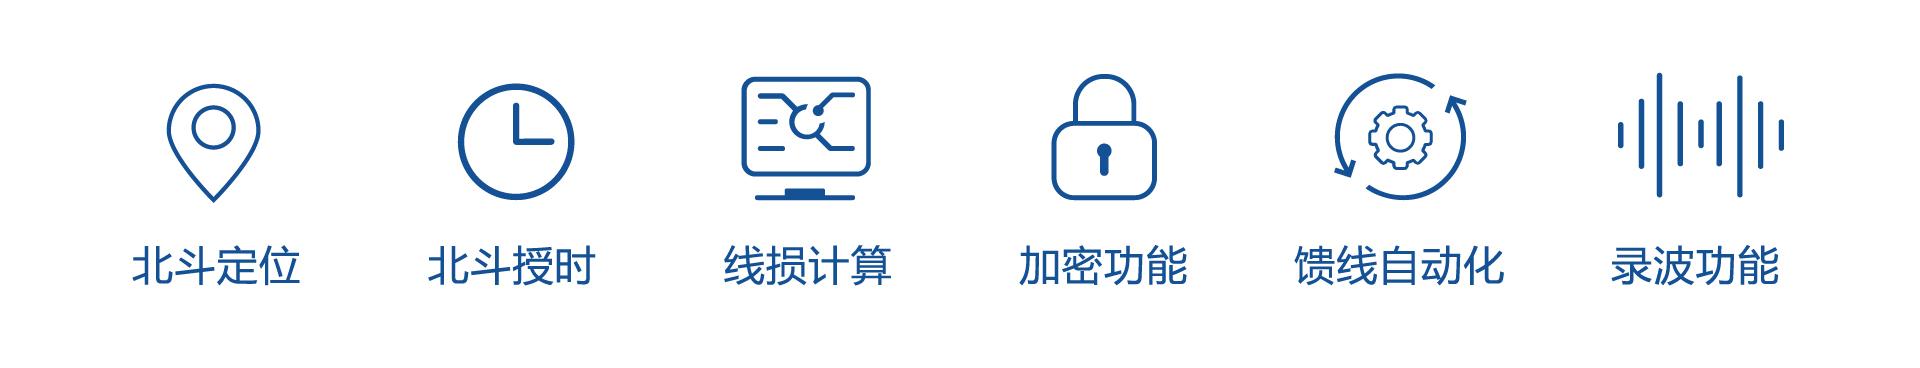 FTU_画板 1.jpg